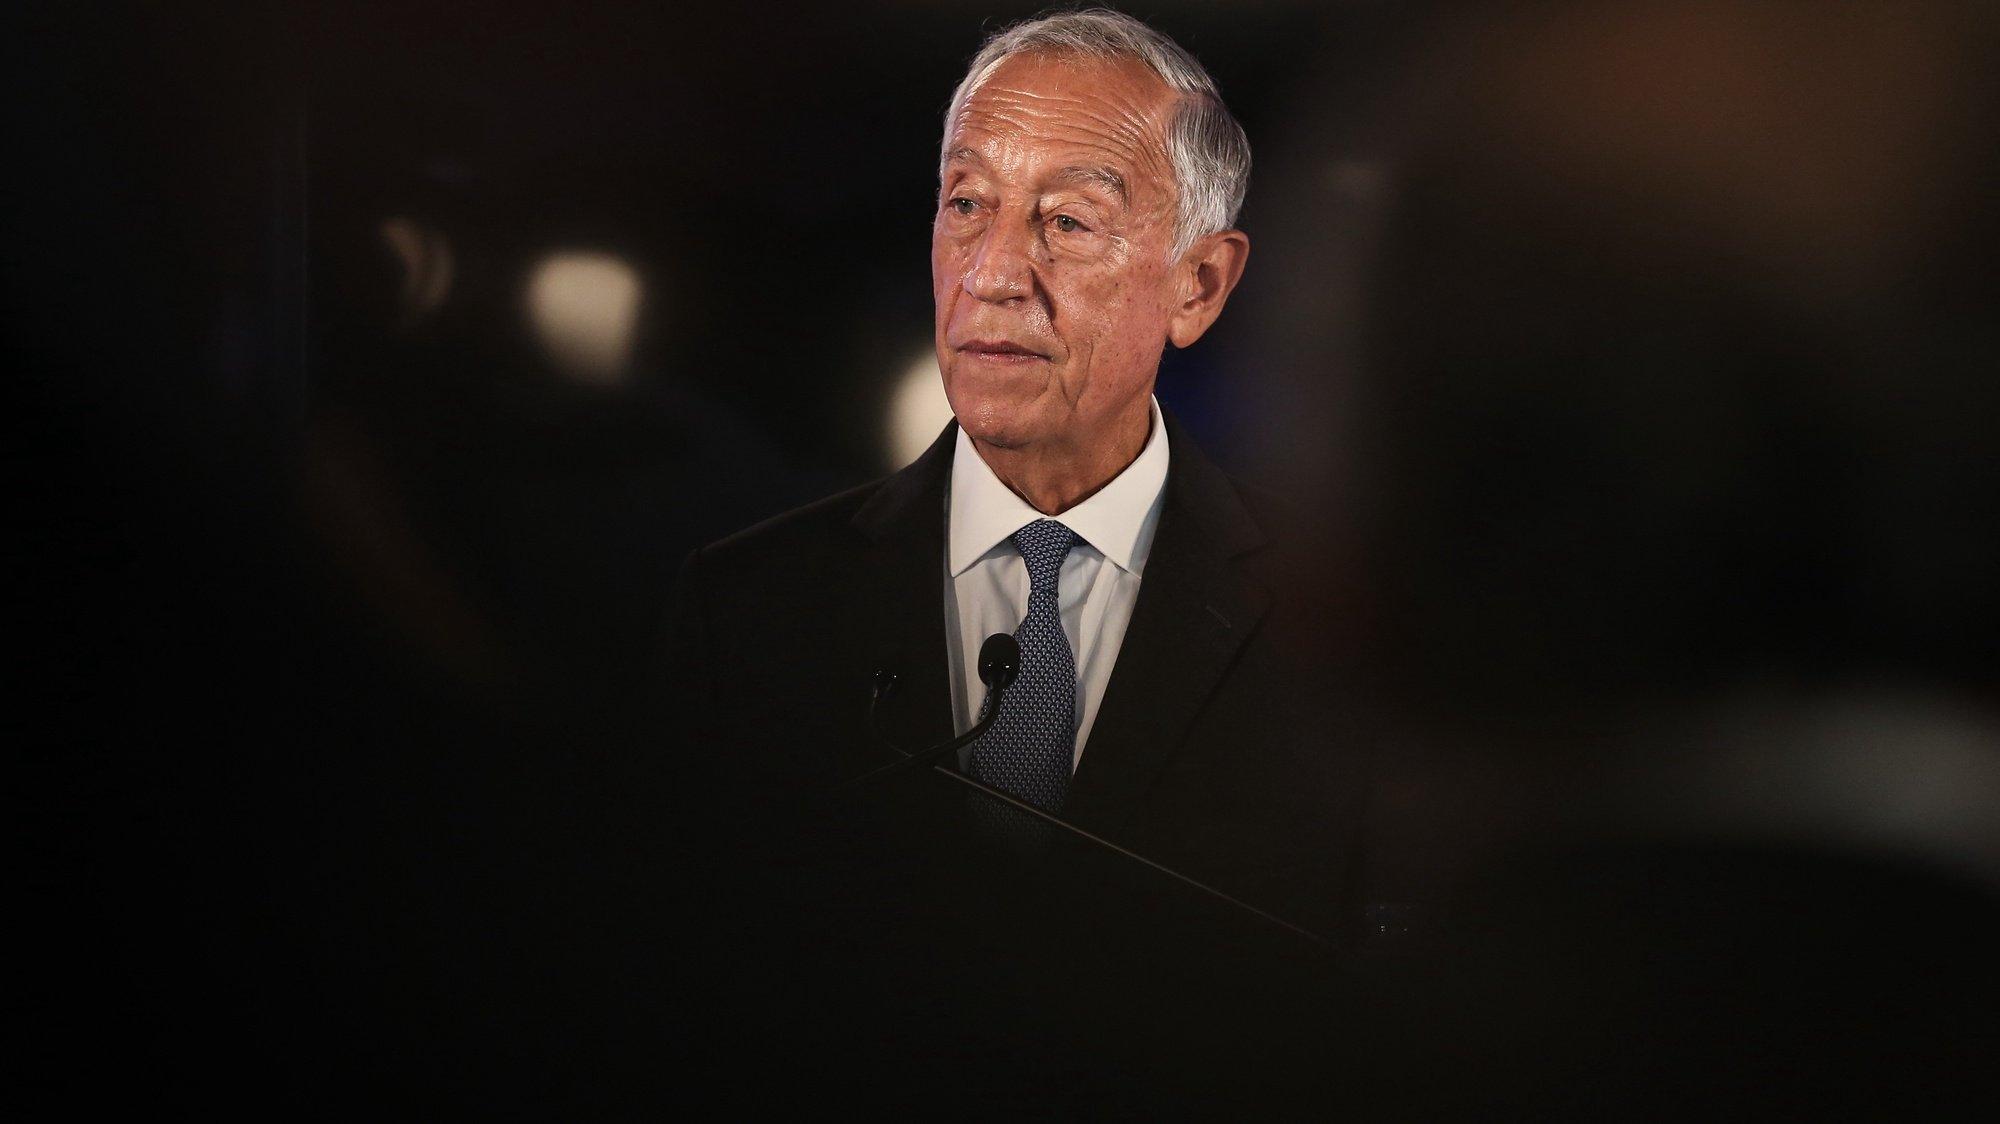 O Presidente da República, Marcelo Rebelo de Sousa, durante a inauguração da nova casa da Ajuda de Berço, em Lisboa, 13 de outubro de 2021.  RODRIGO ANTUNES/LUSA